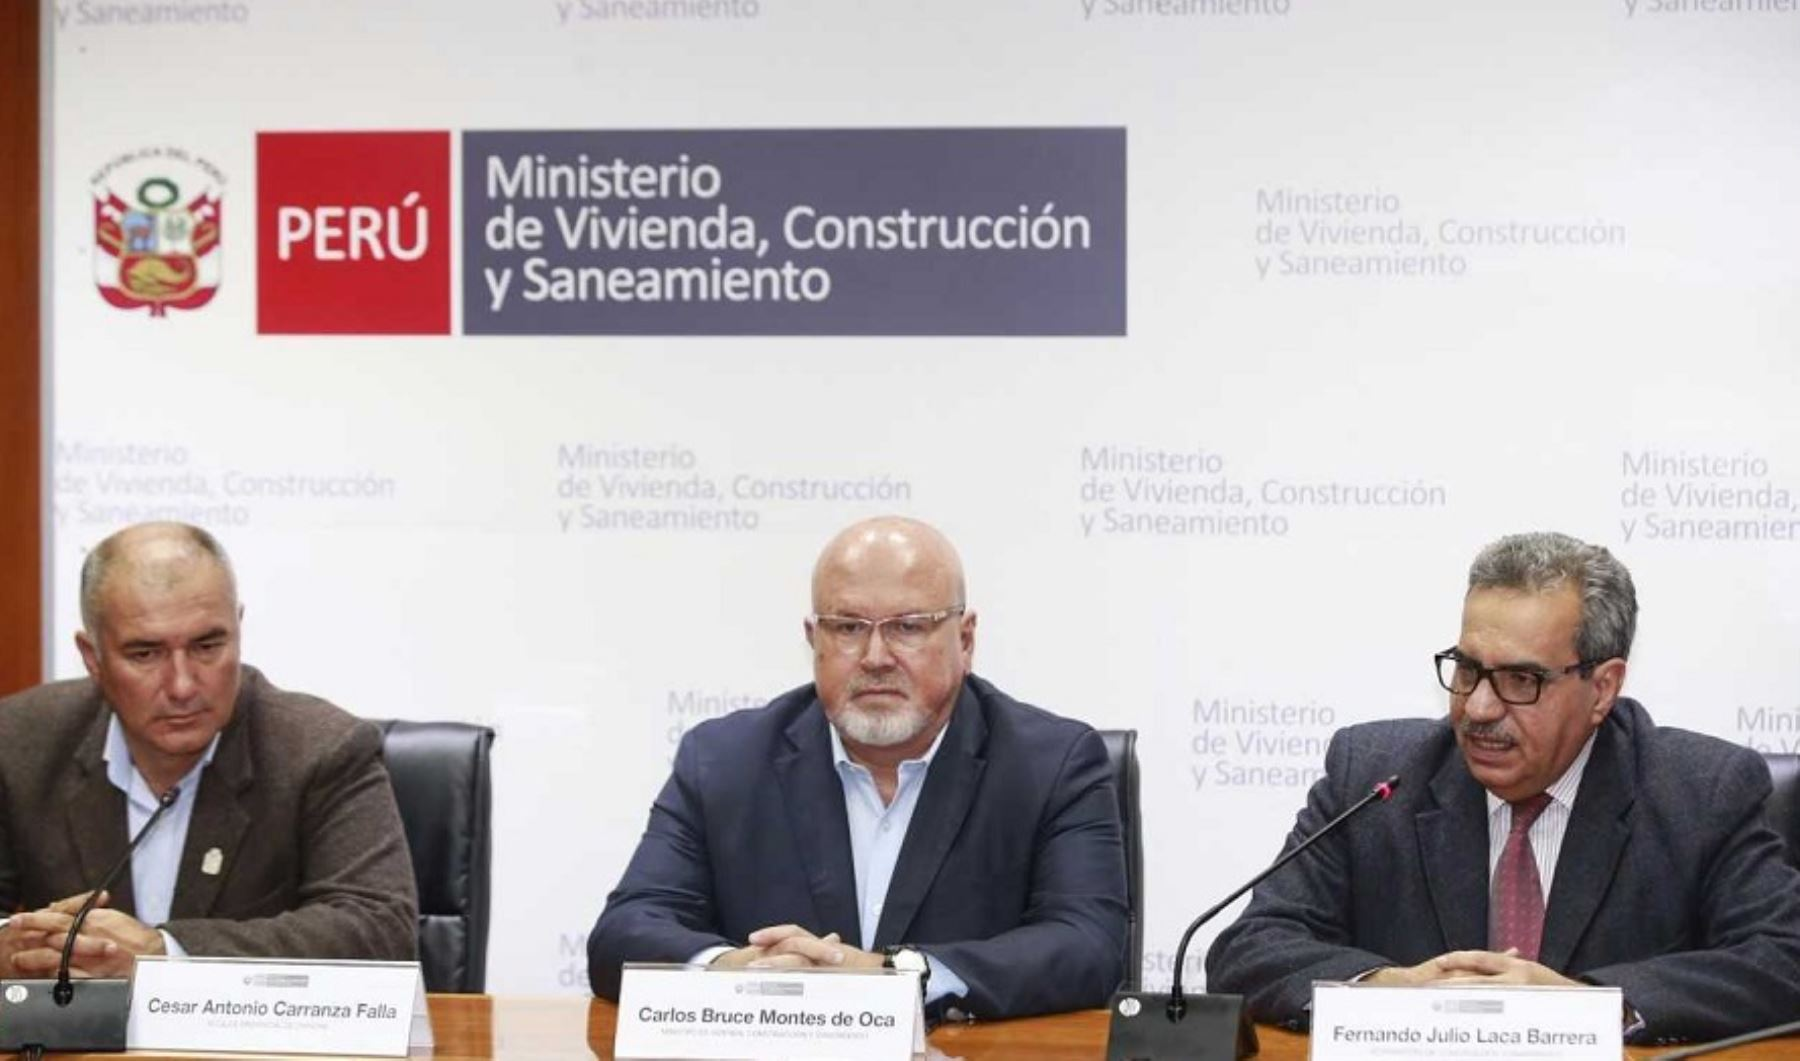 Casi 200,000 pobladores de la provincia de Chincha, en la región Ica, se beneficiarán con el tratamiento de aguas residuales en virtud a un convenio de Delegación de Funciones que firmaron hoy el Ministerio de Vivienda, Construcción y Saneamiento (MVCS) con la Municipalidad Provincial.